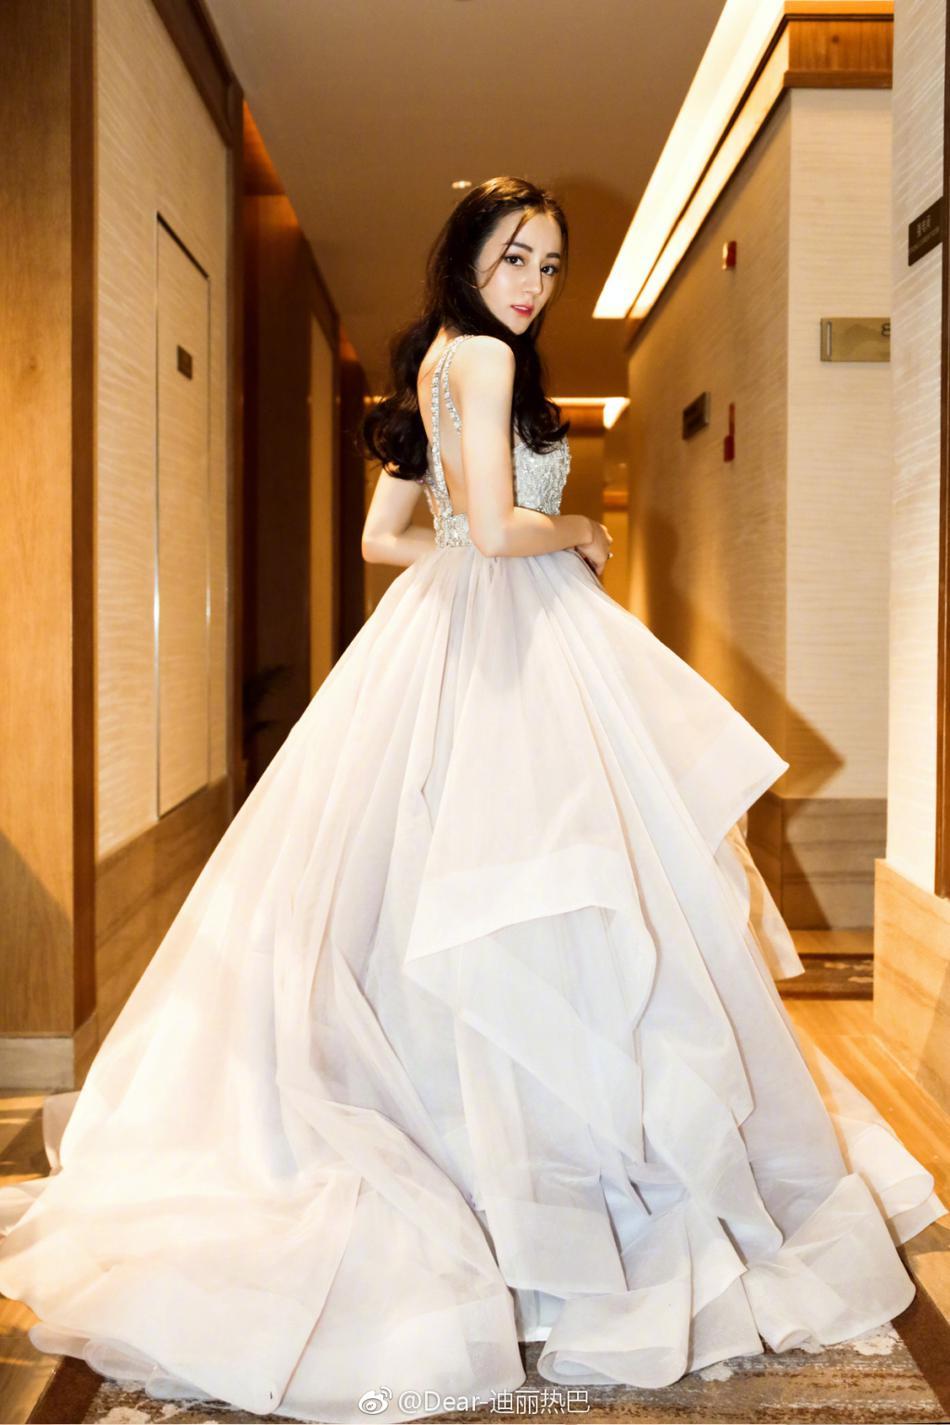 高清套图:迪丽热巴白色长裙秀手臂肌肉 比V卖萌超可爱